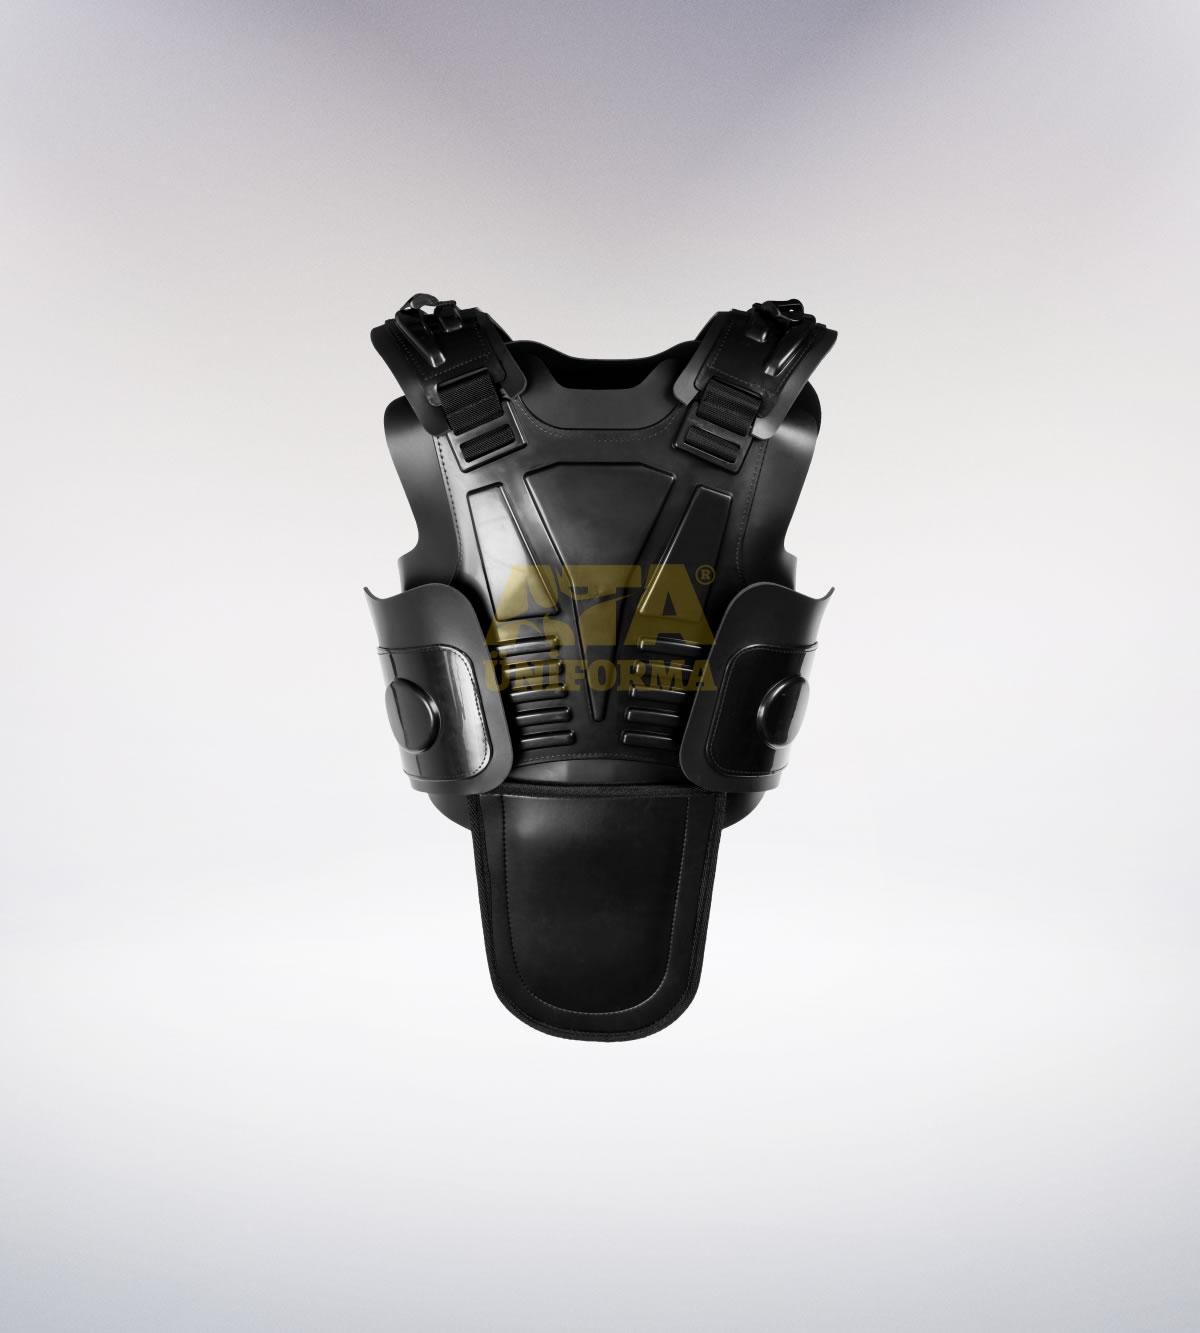 ATA-1068 Çevik kuvvet polisi yelek - polis elbiseleri | polis  üniformaları | polis kıyafetleri